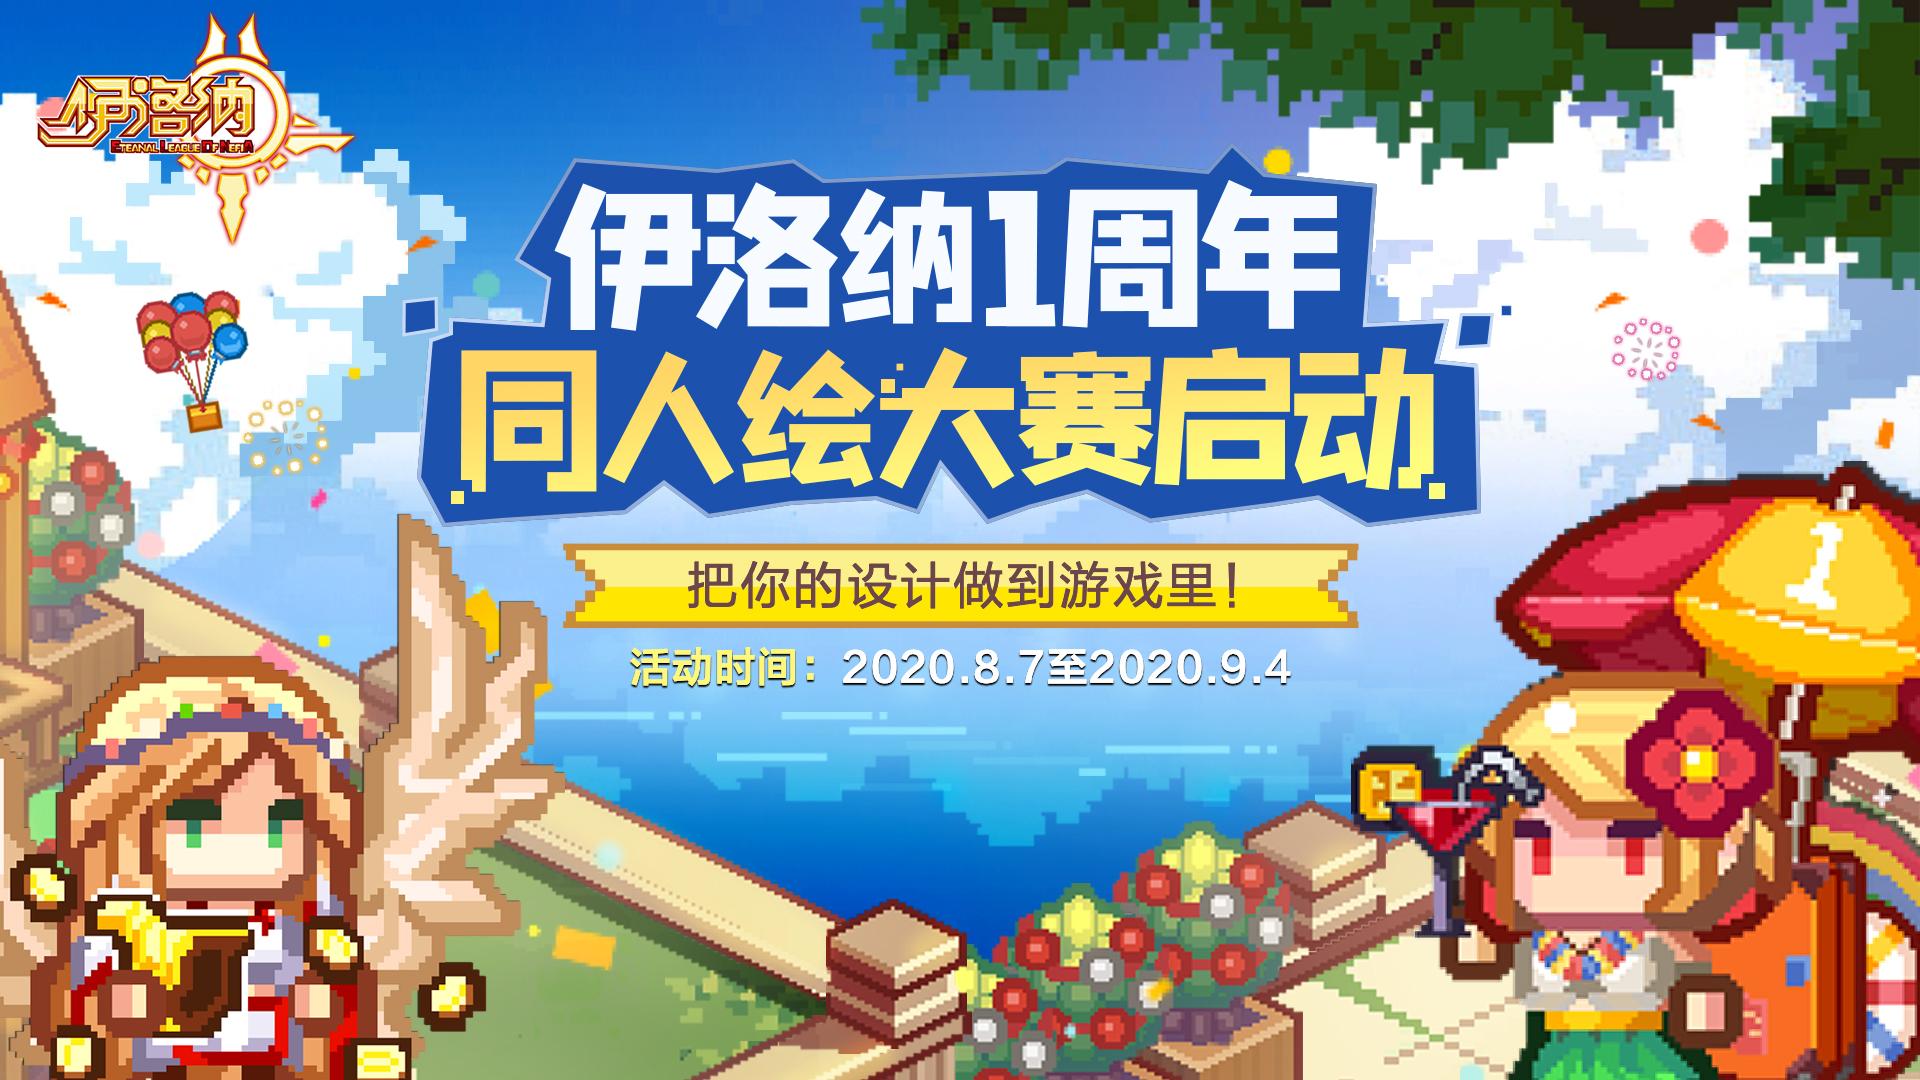 【周年庆第一弹】《伊洛纳》1周年庆同人绘大赛启动!期待...